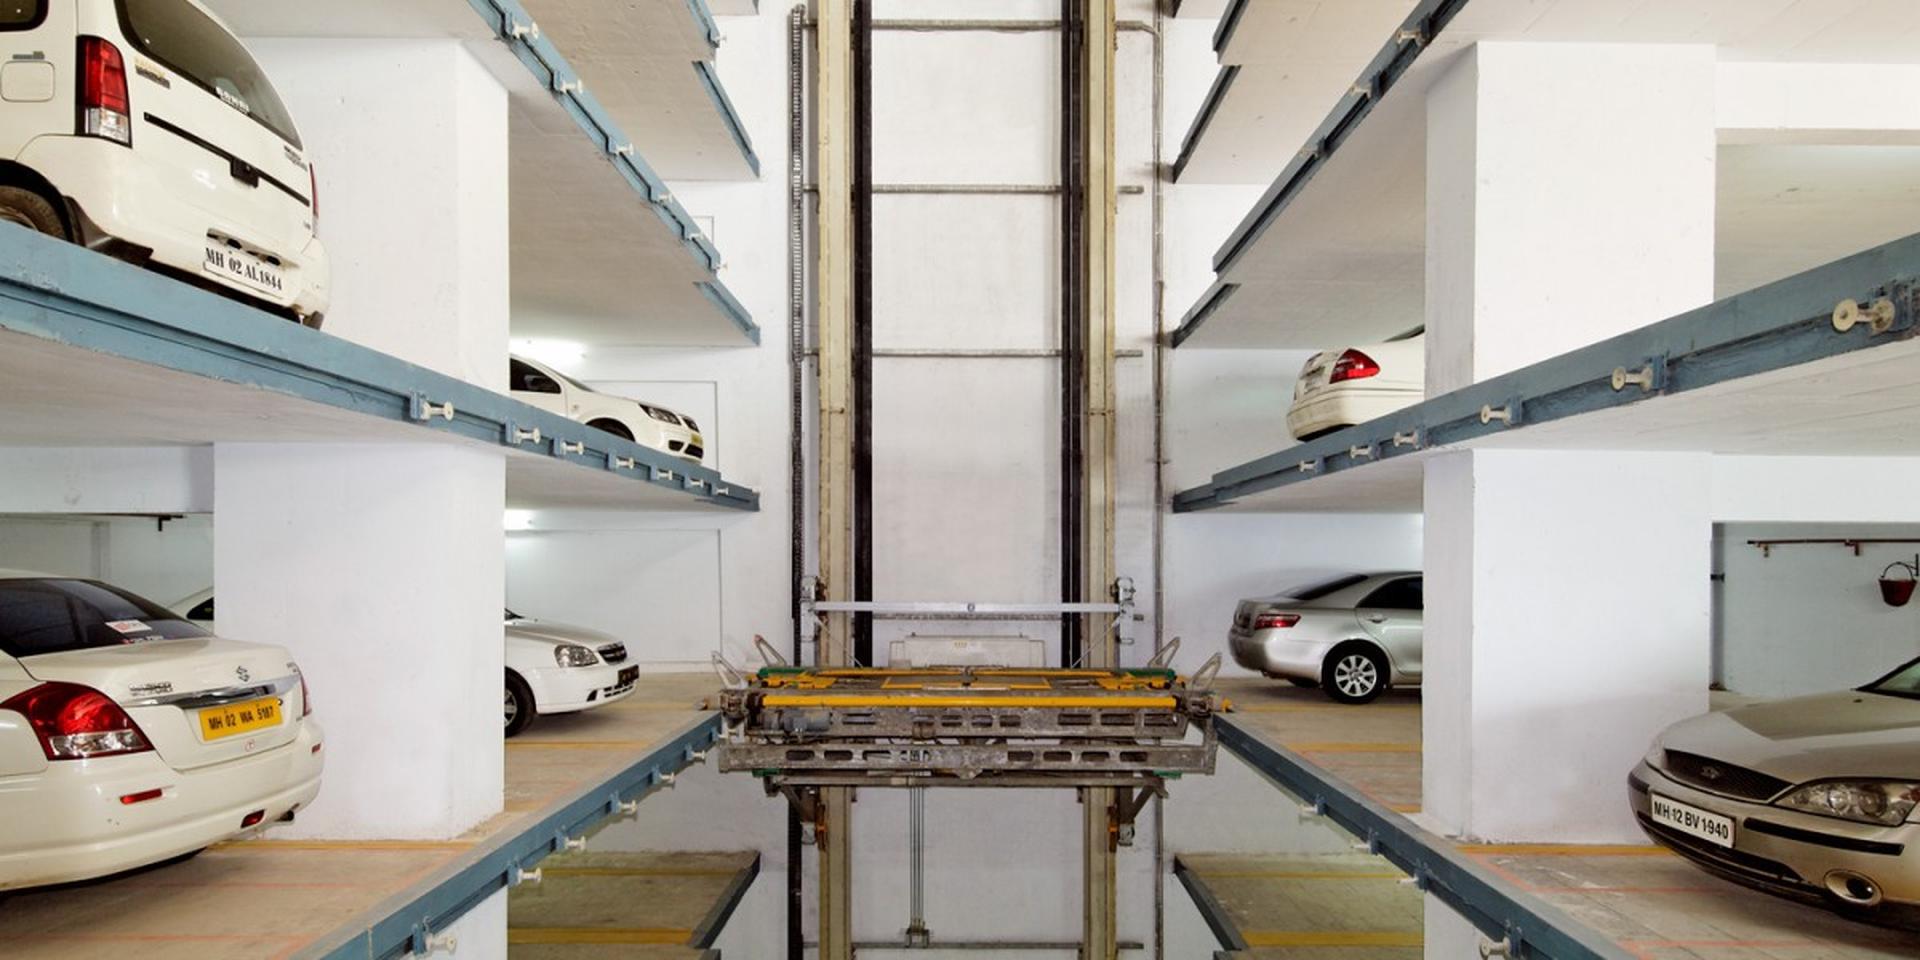 Multiparker 750 - 760 - Sistema di parcheggio auto automatizzato in struttura